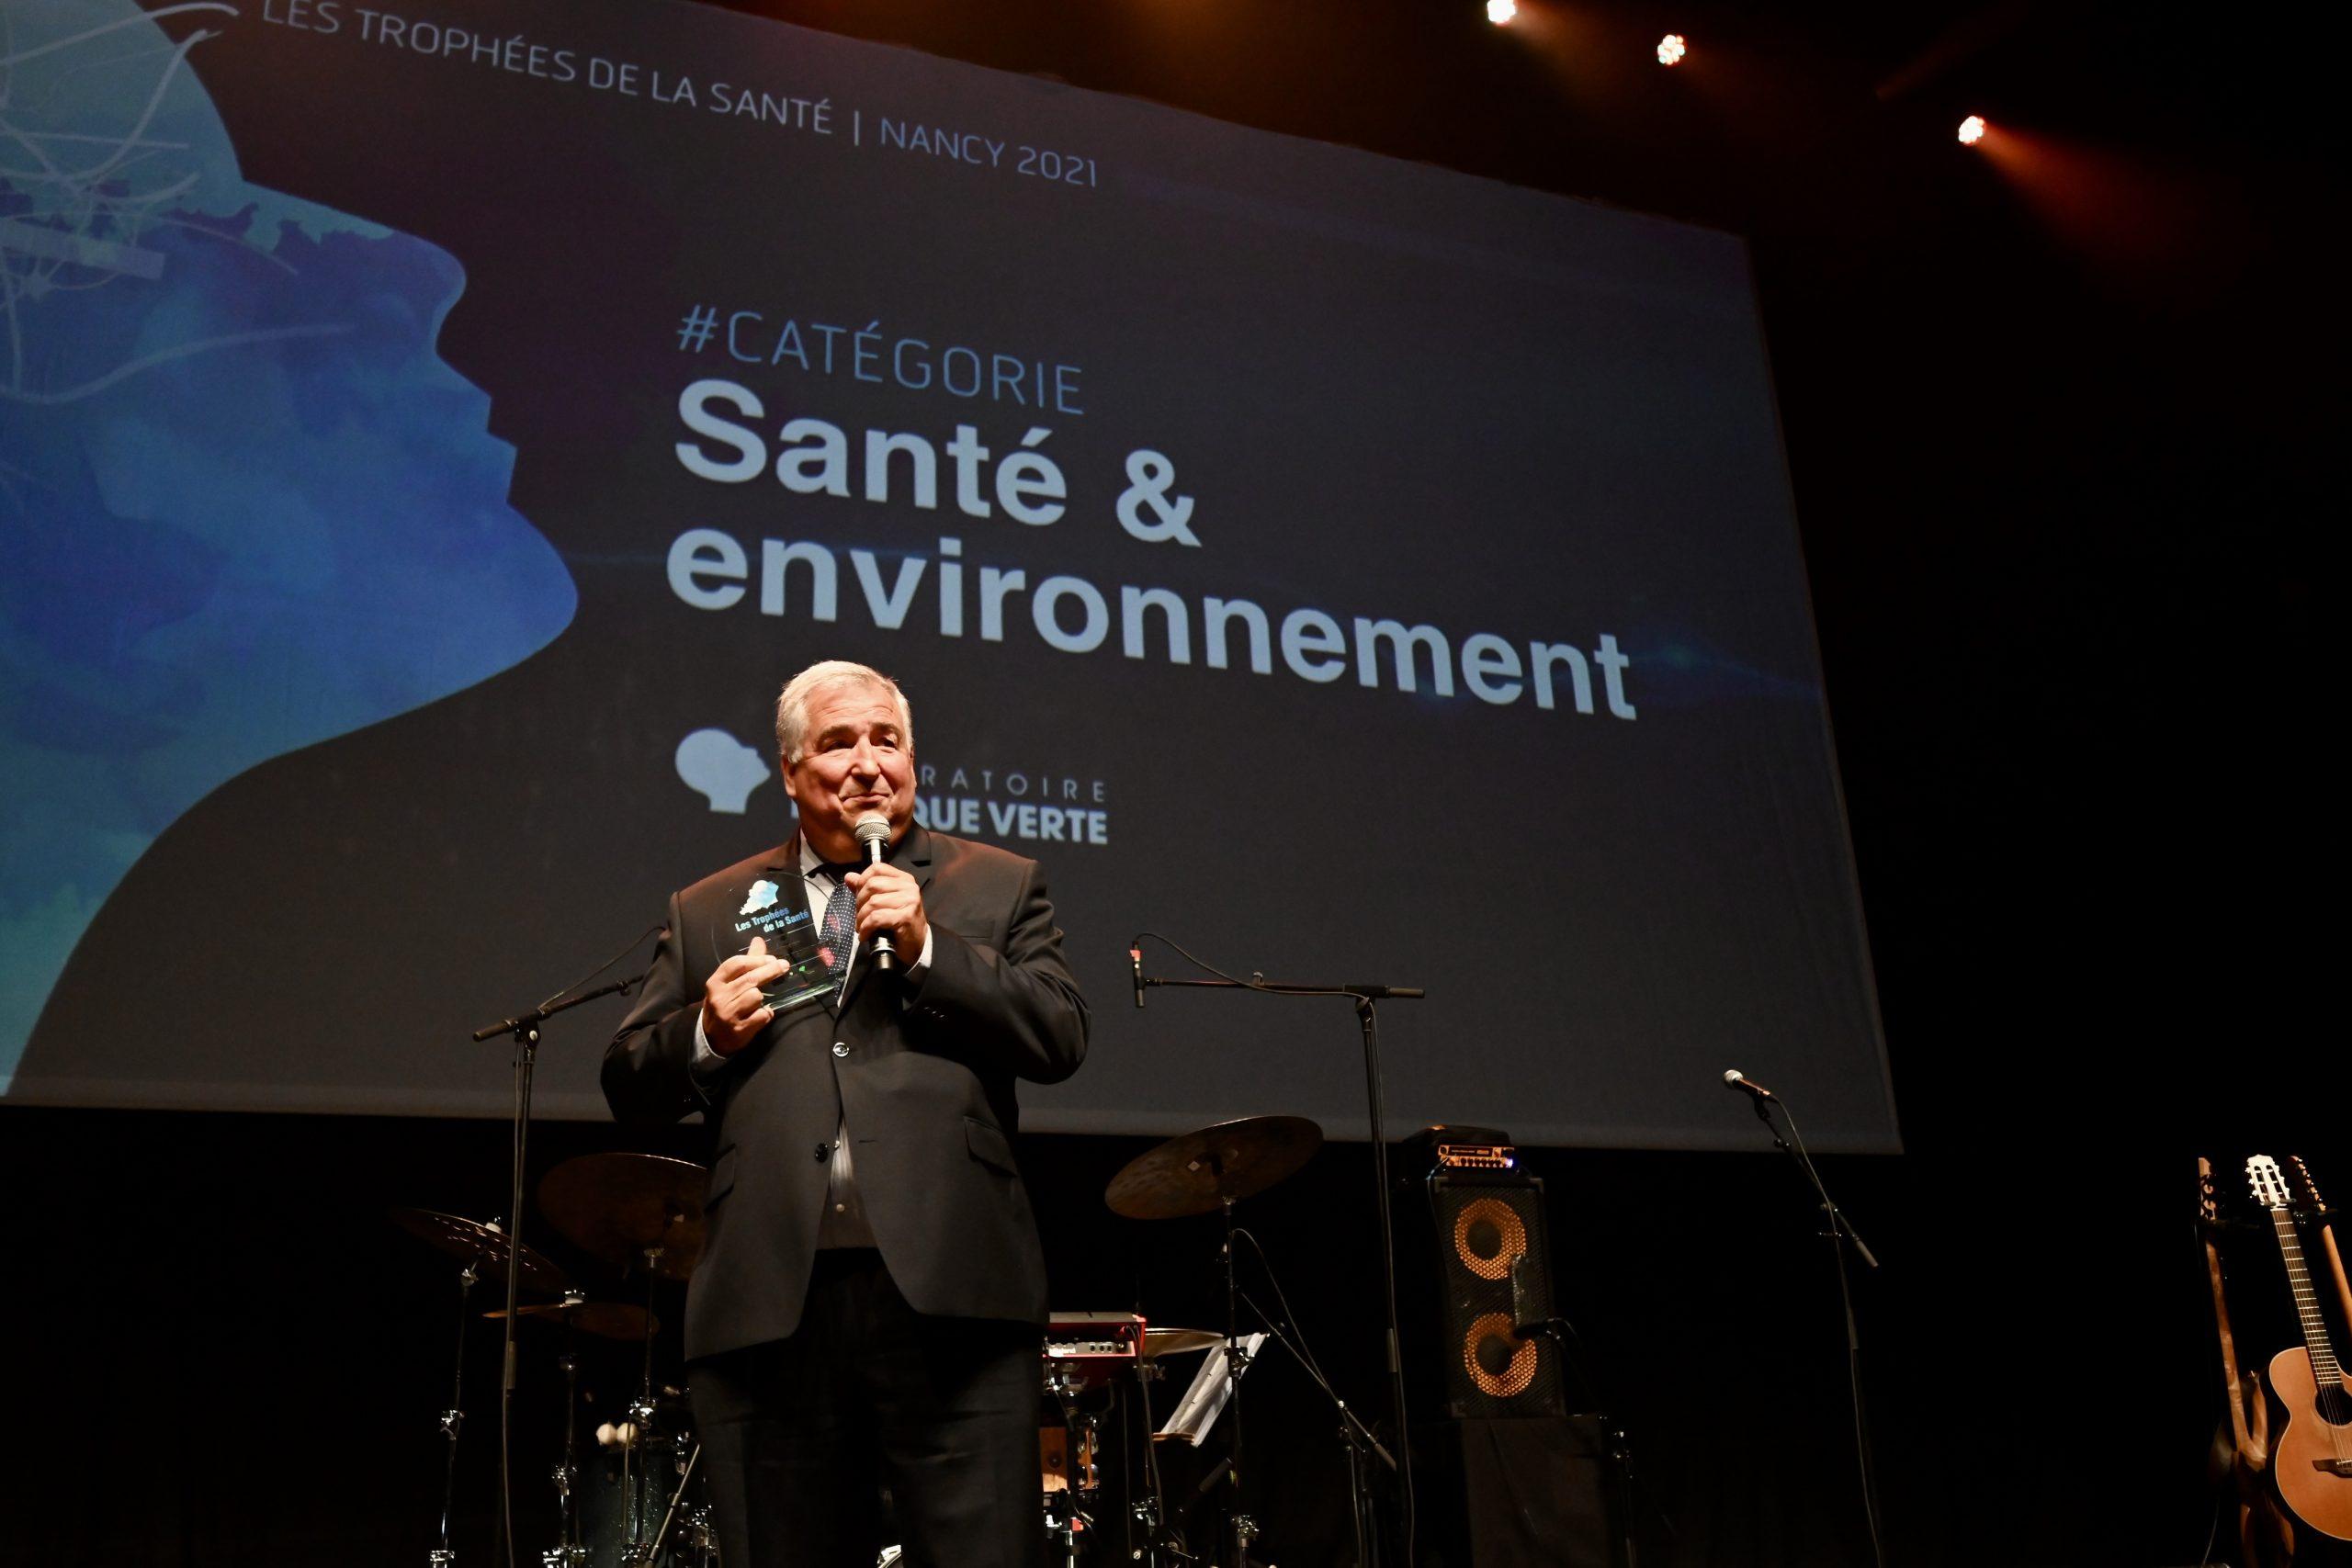 Jean-Paul Fèvre lors de la remise du prix le 26 août 2021 sur la scène du Zénith de Nancy.